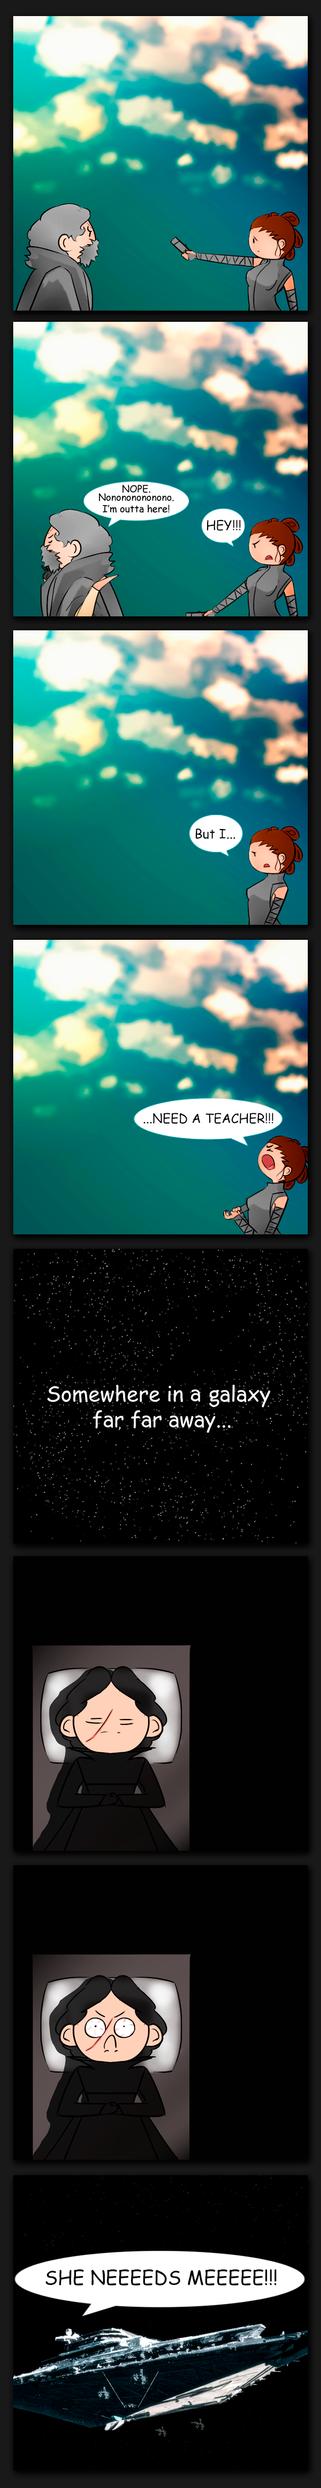 She needs a teacher by StarrdustCrusader